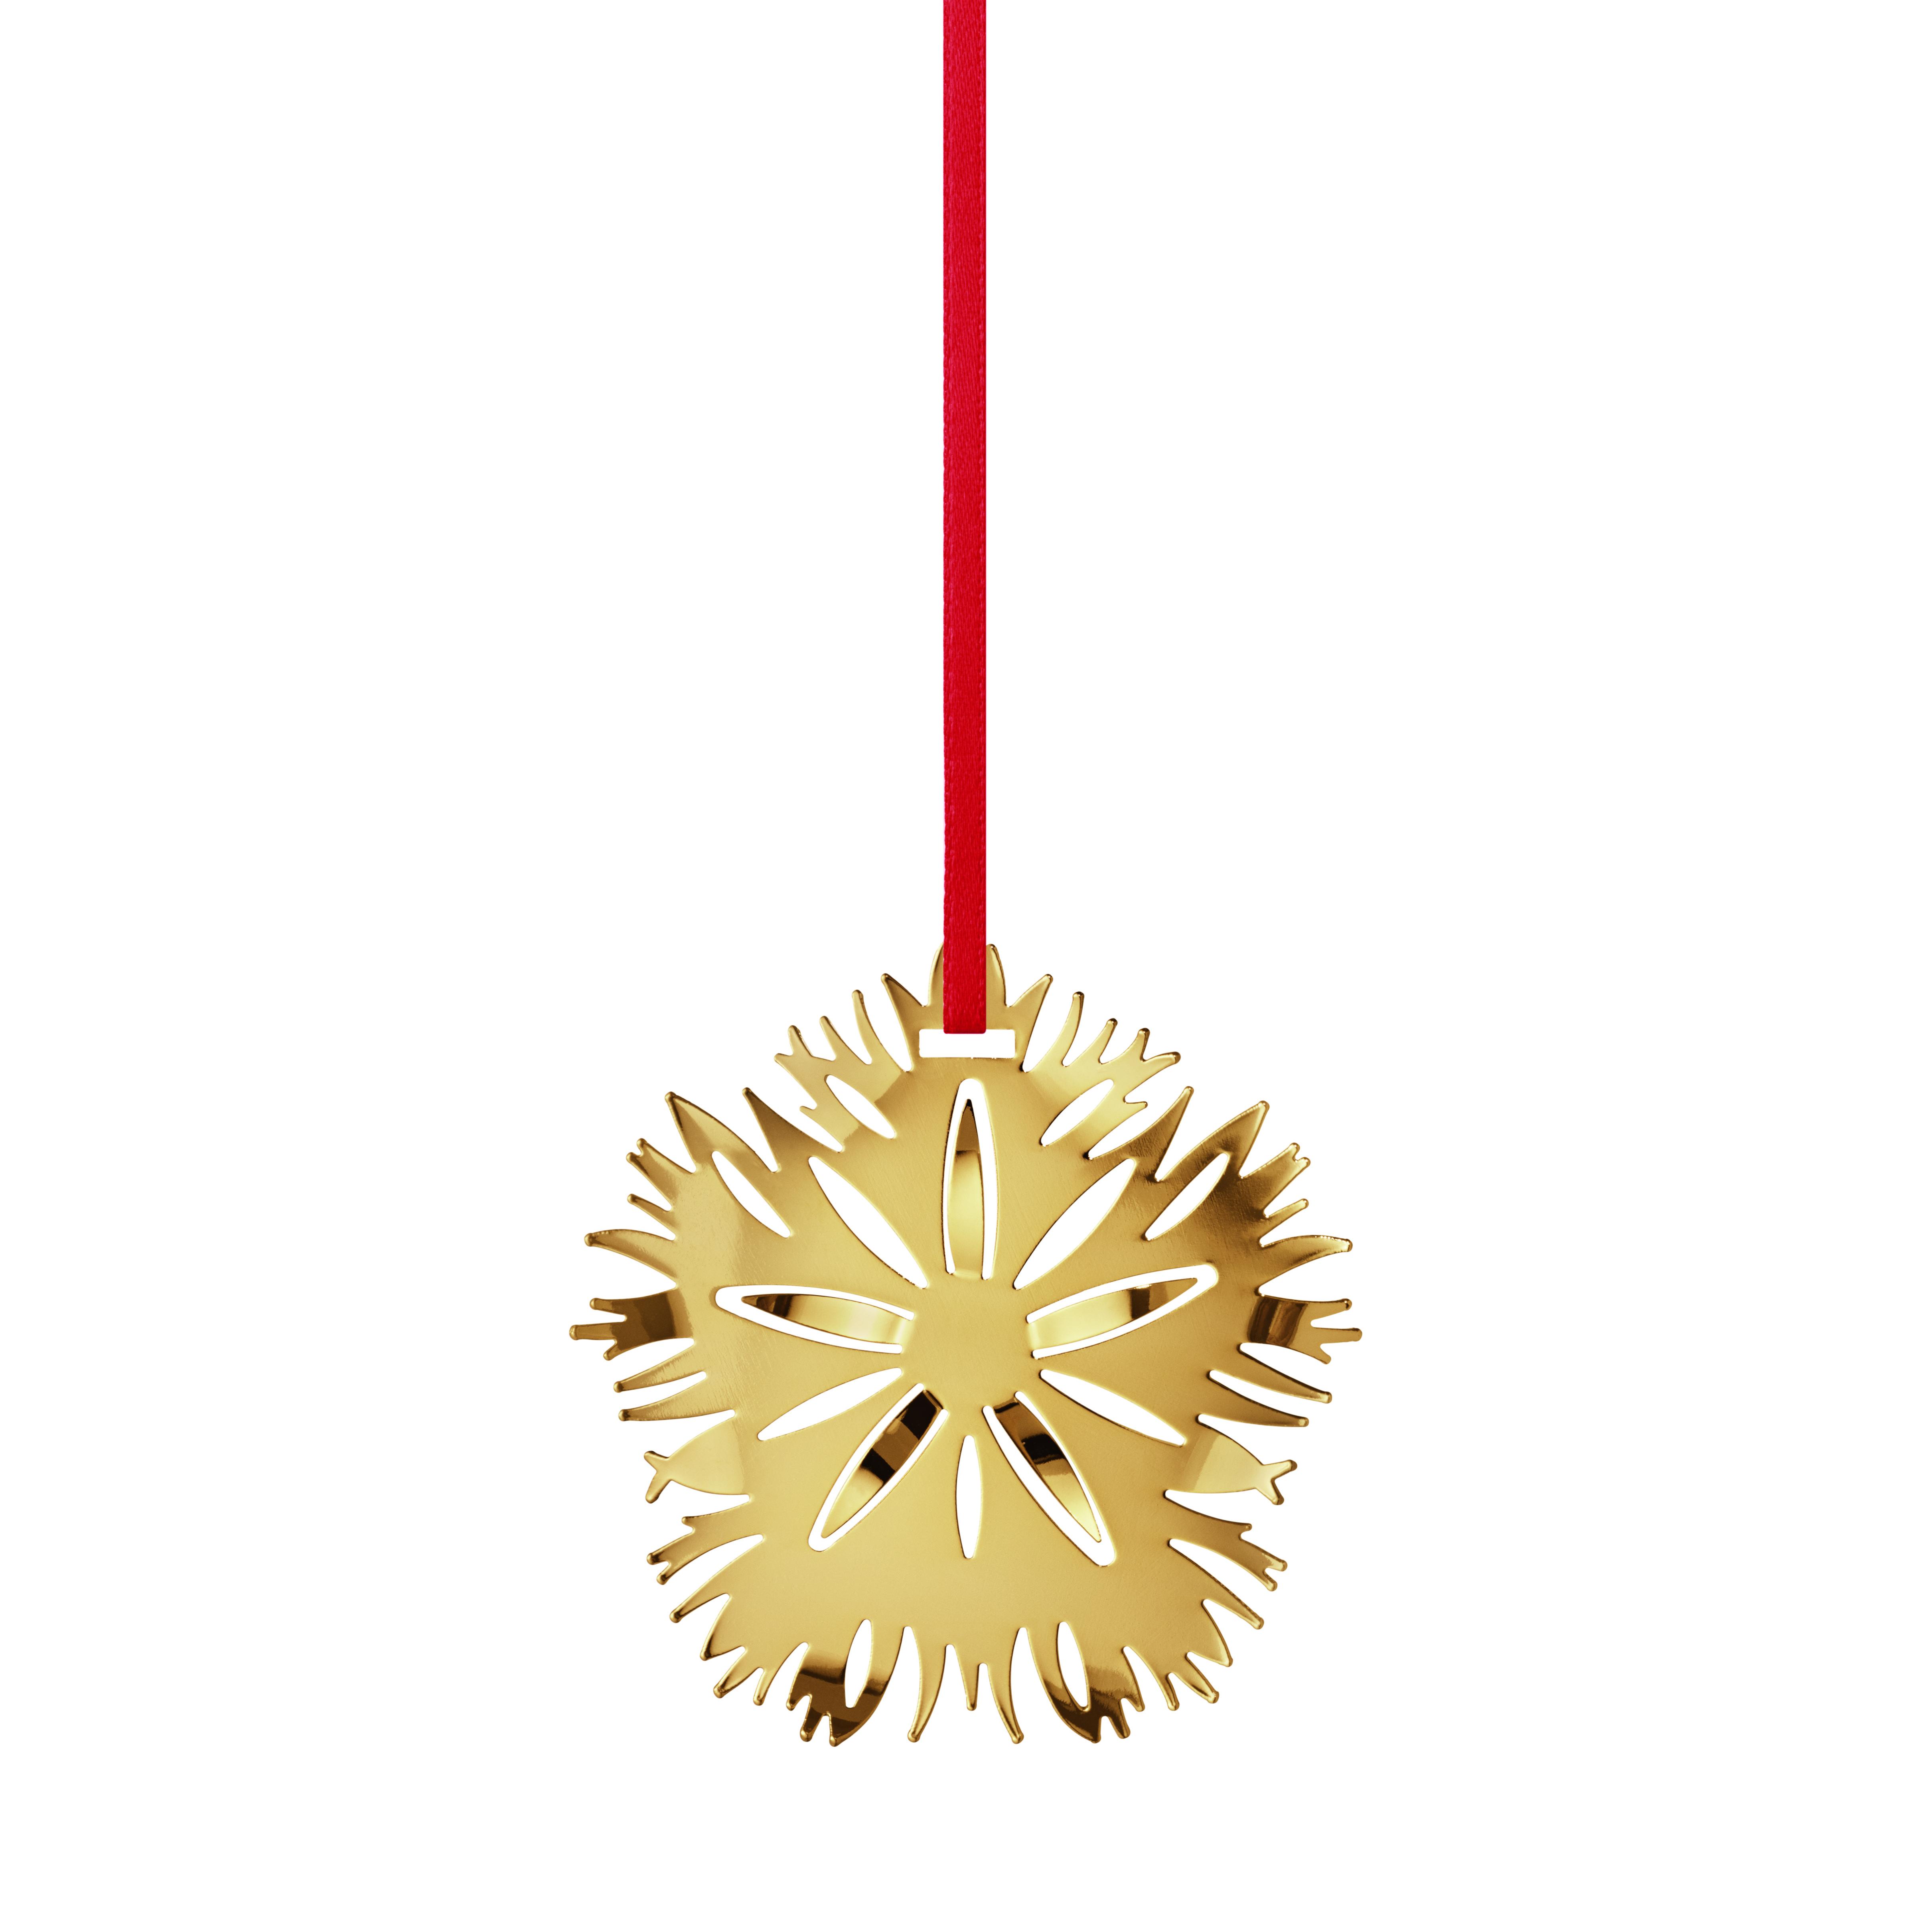 Georg Jensen 2020 nellike ornament, forgyldt